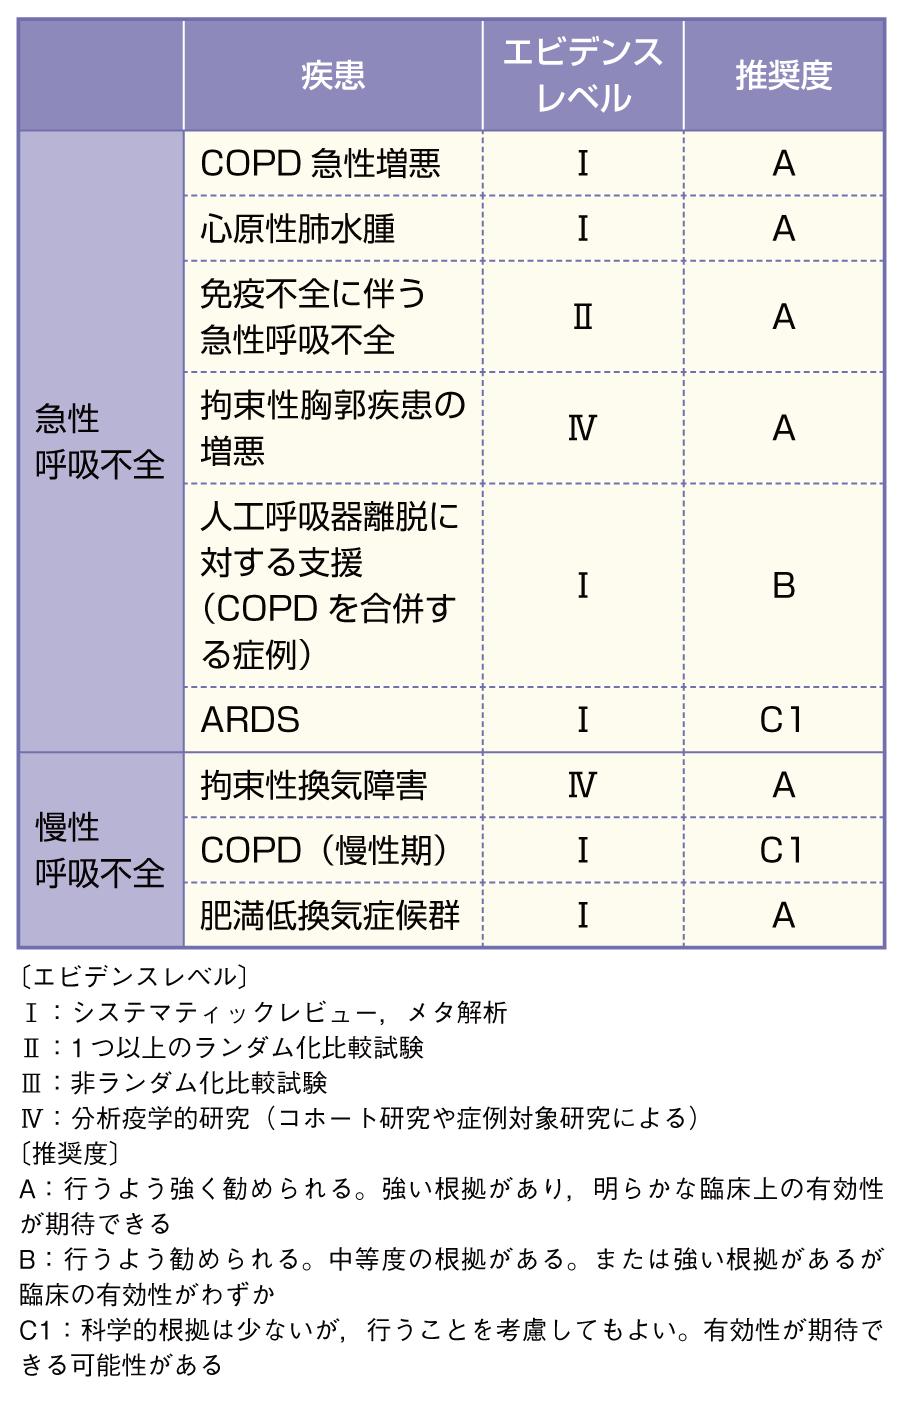 NPPVのエビデンスレベル